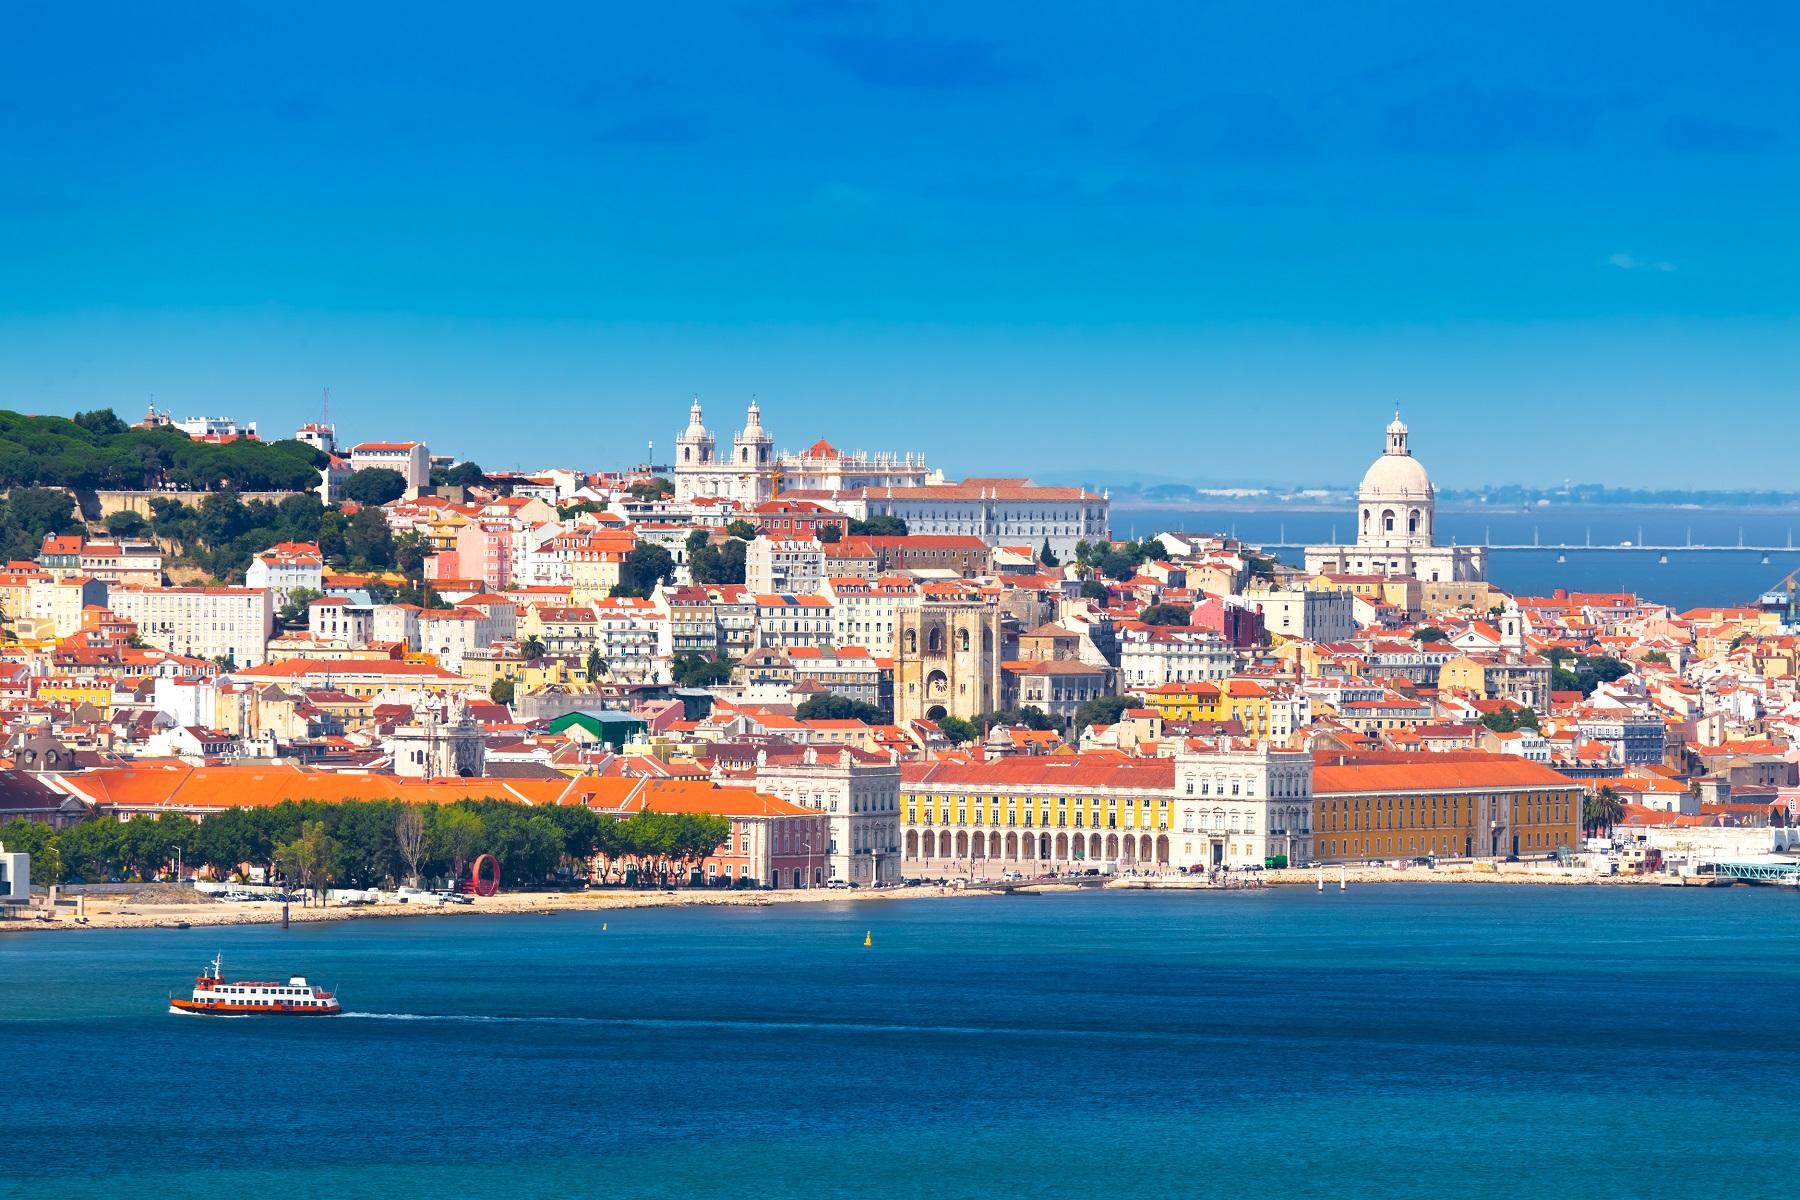 Portugal (Atlantic Ocean)